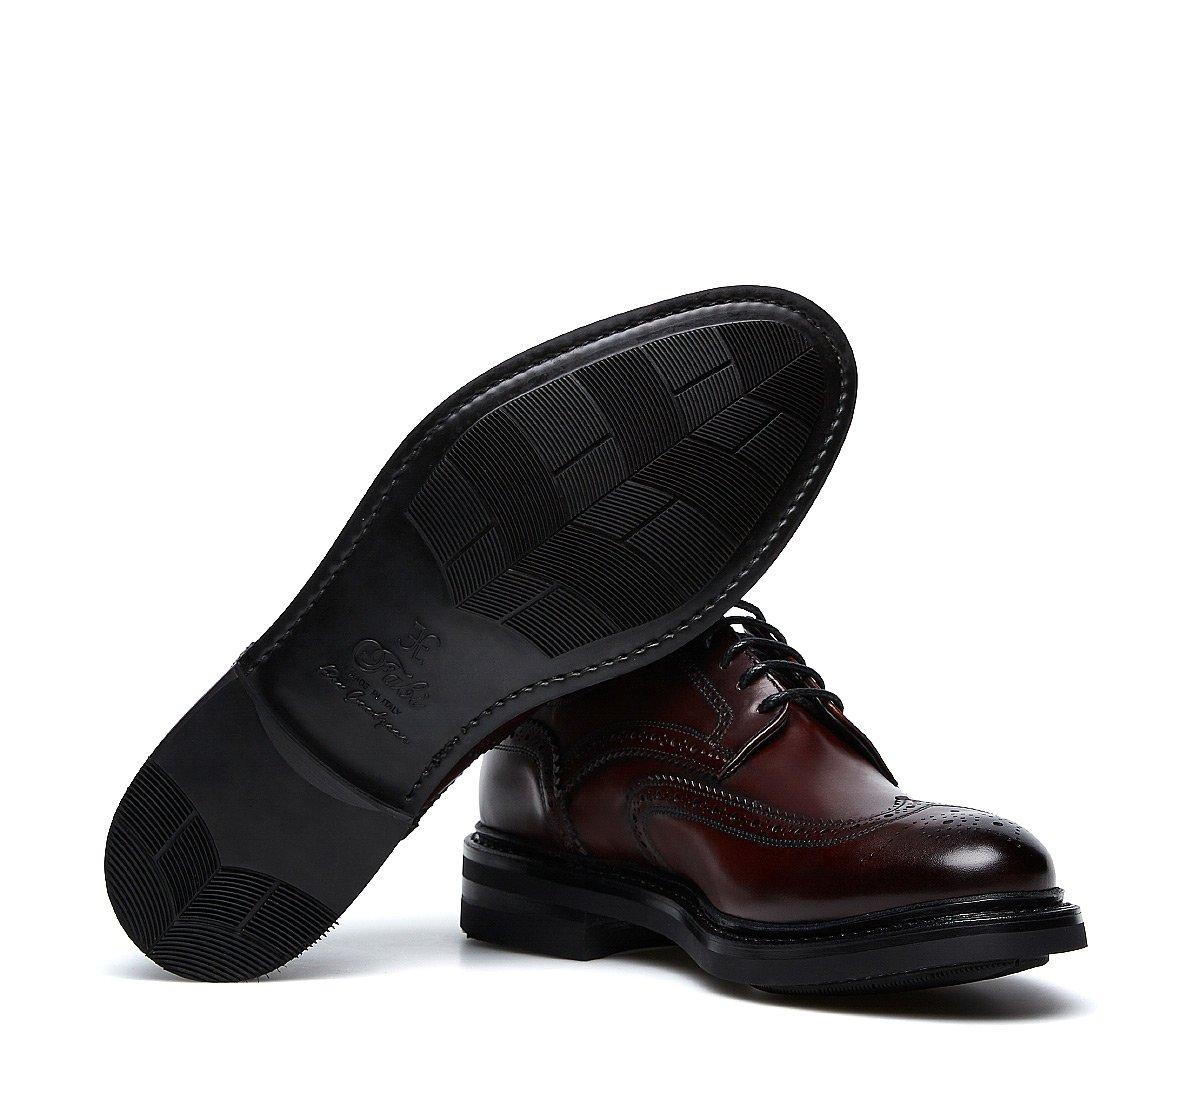 Туфли-оксфорды Flex Goodyear из ценной телячьей кожи